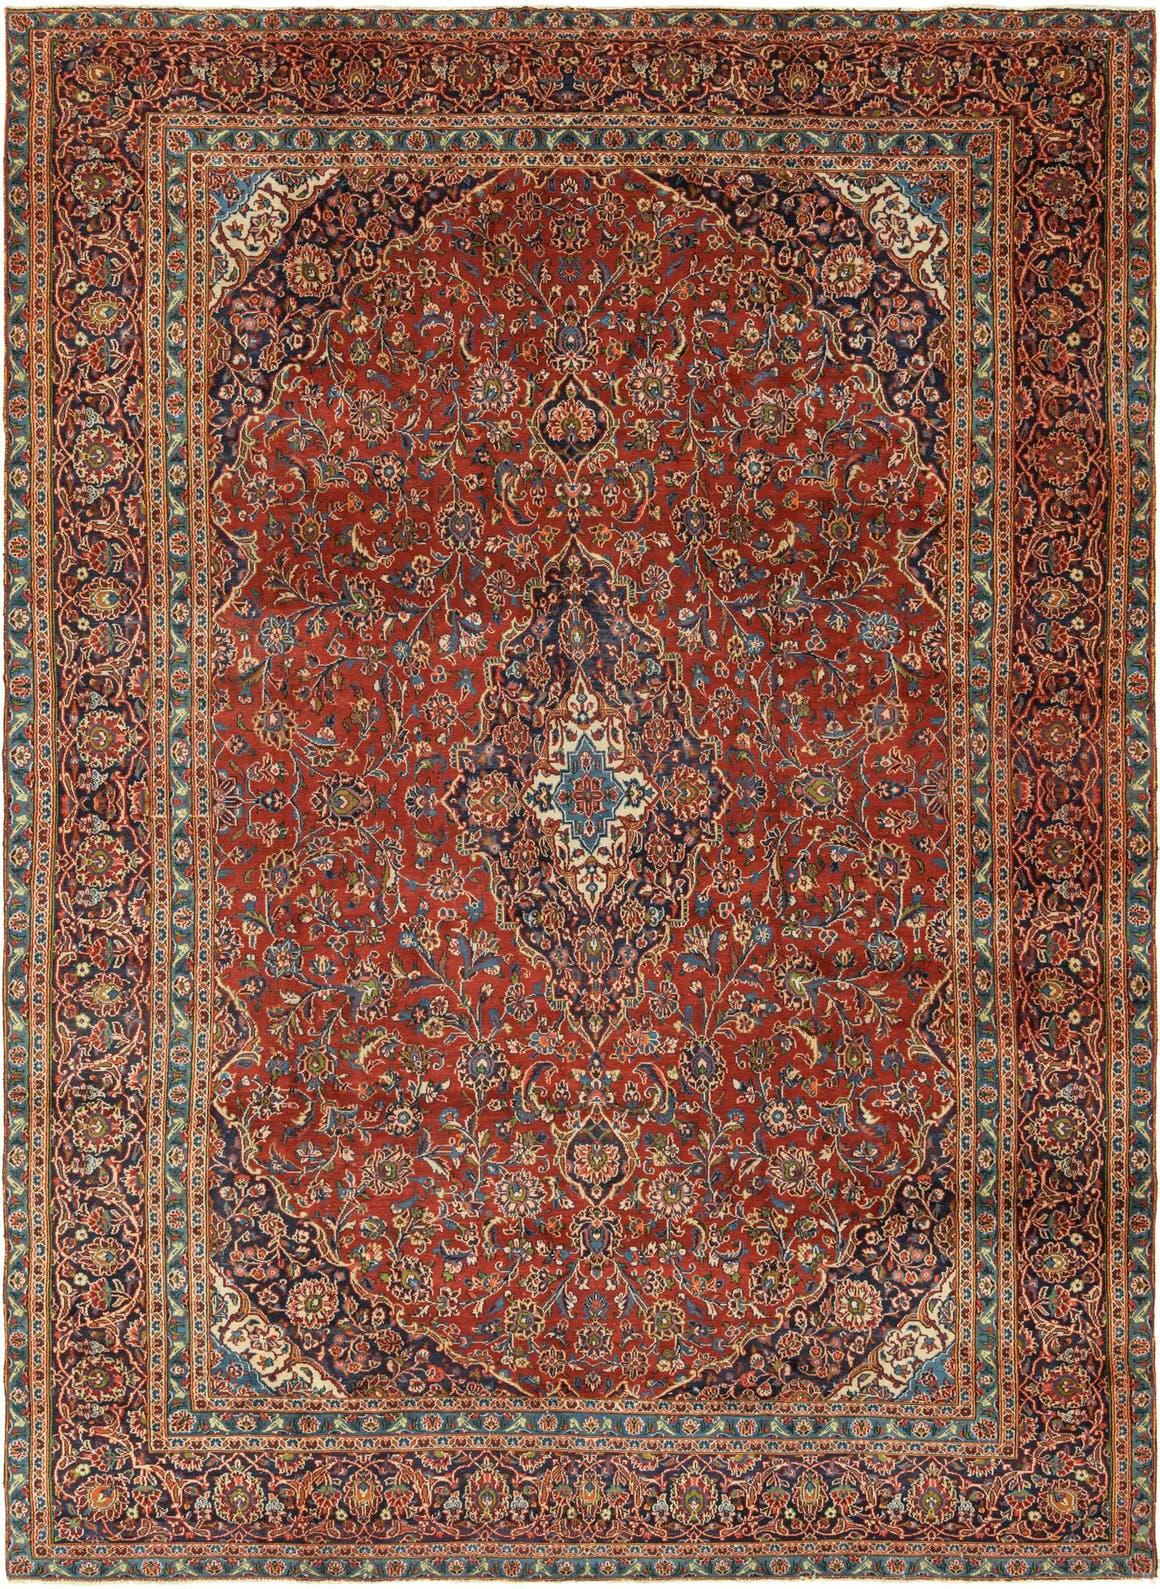 9' x 12' 9 Kashan Persian Rug main image